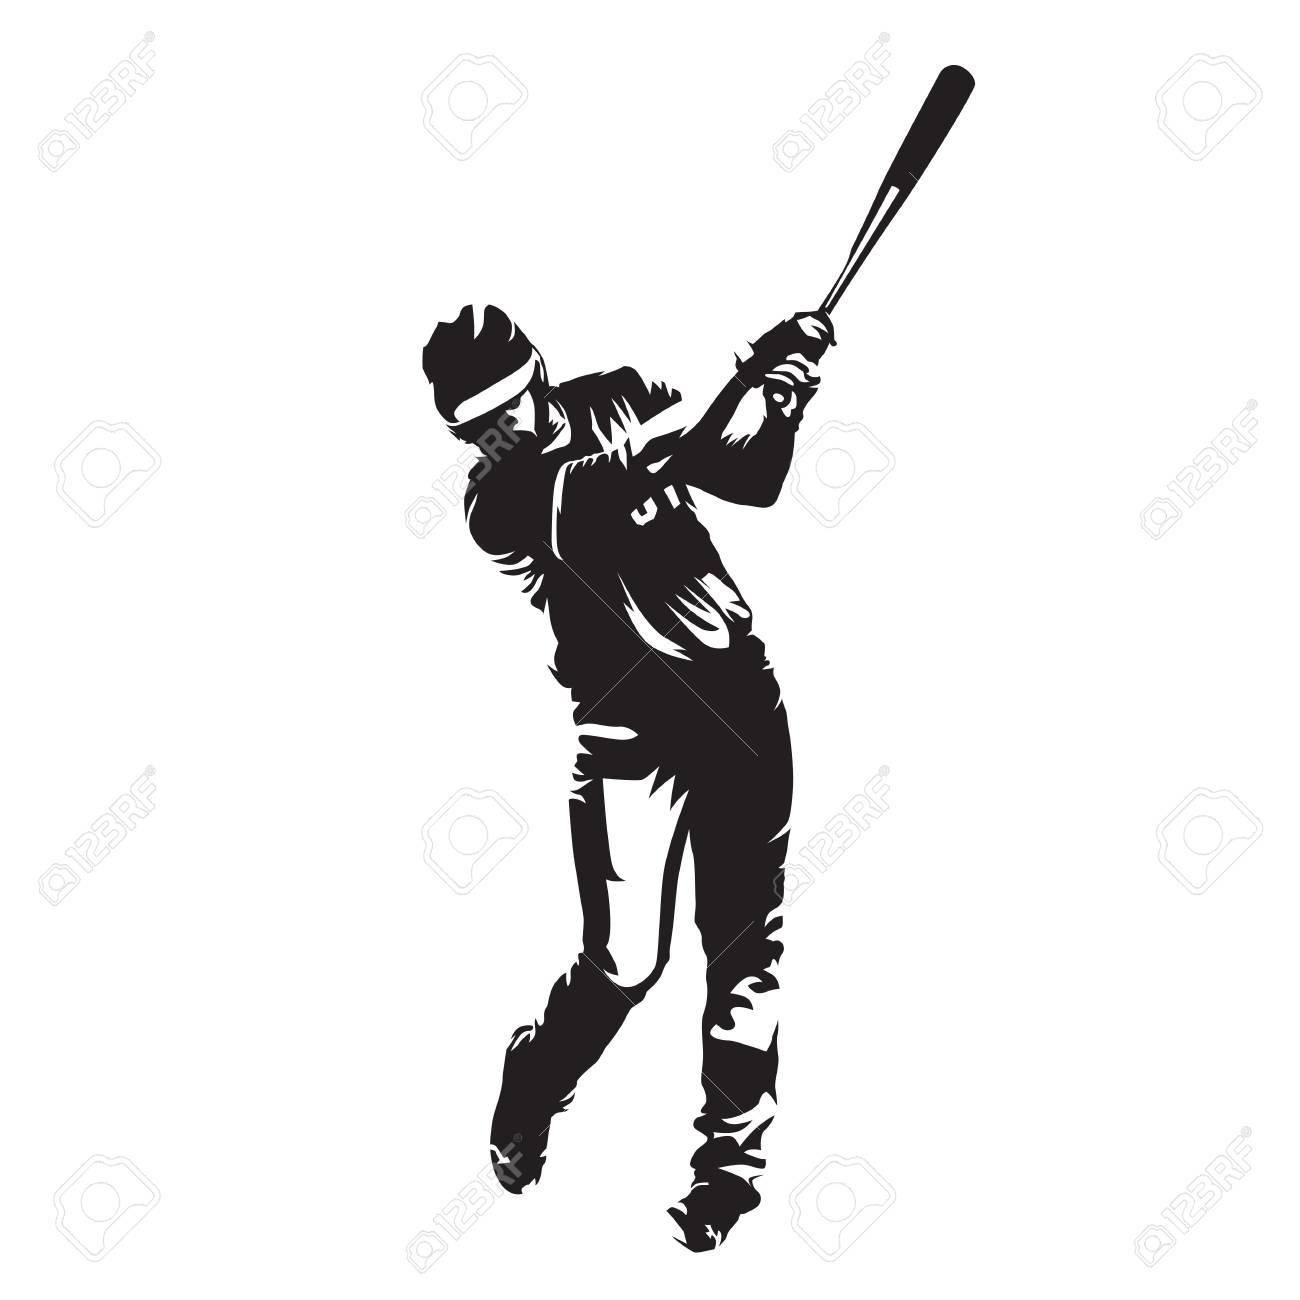 baseball player batter abstract vector silhouette front view rh 123rf com Baseball Player Batter Clip Art victor baseball bats